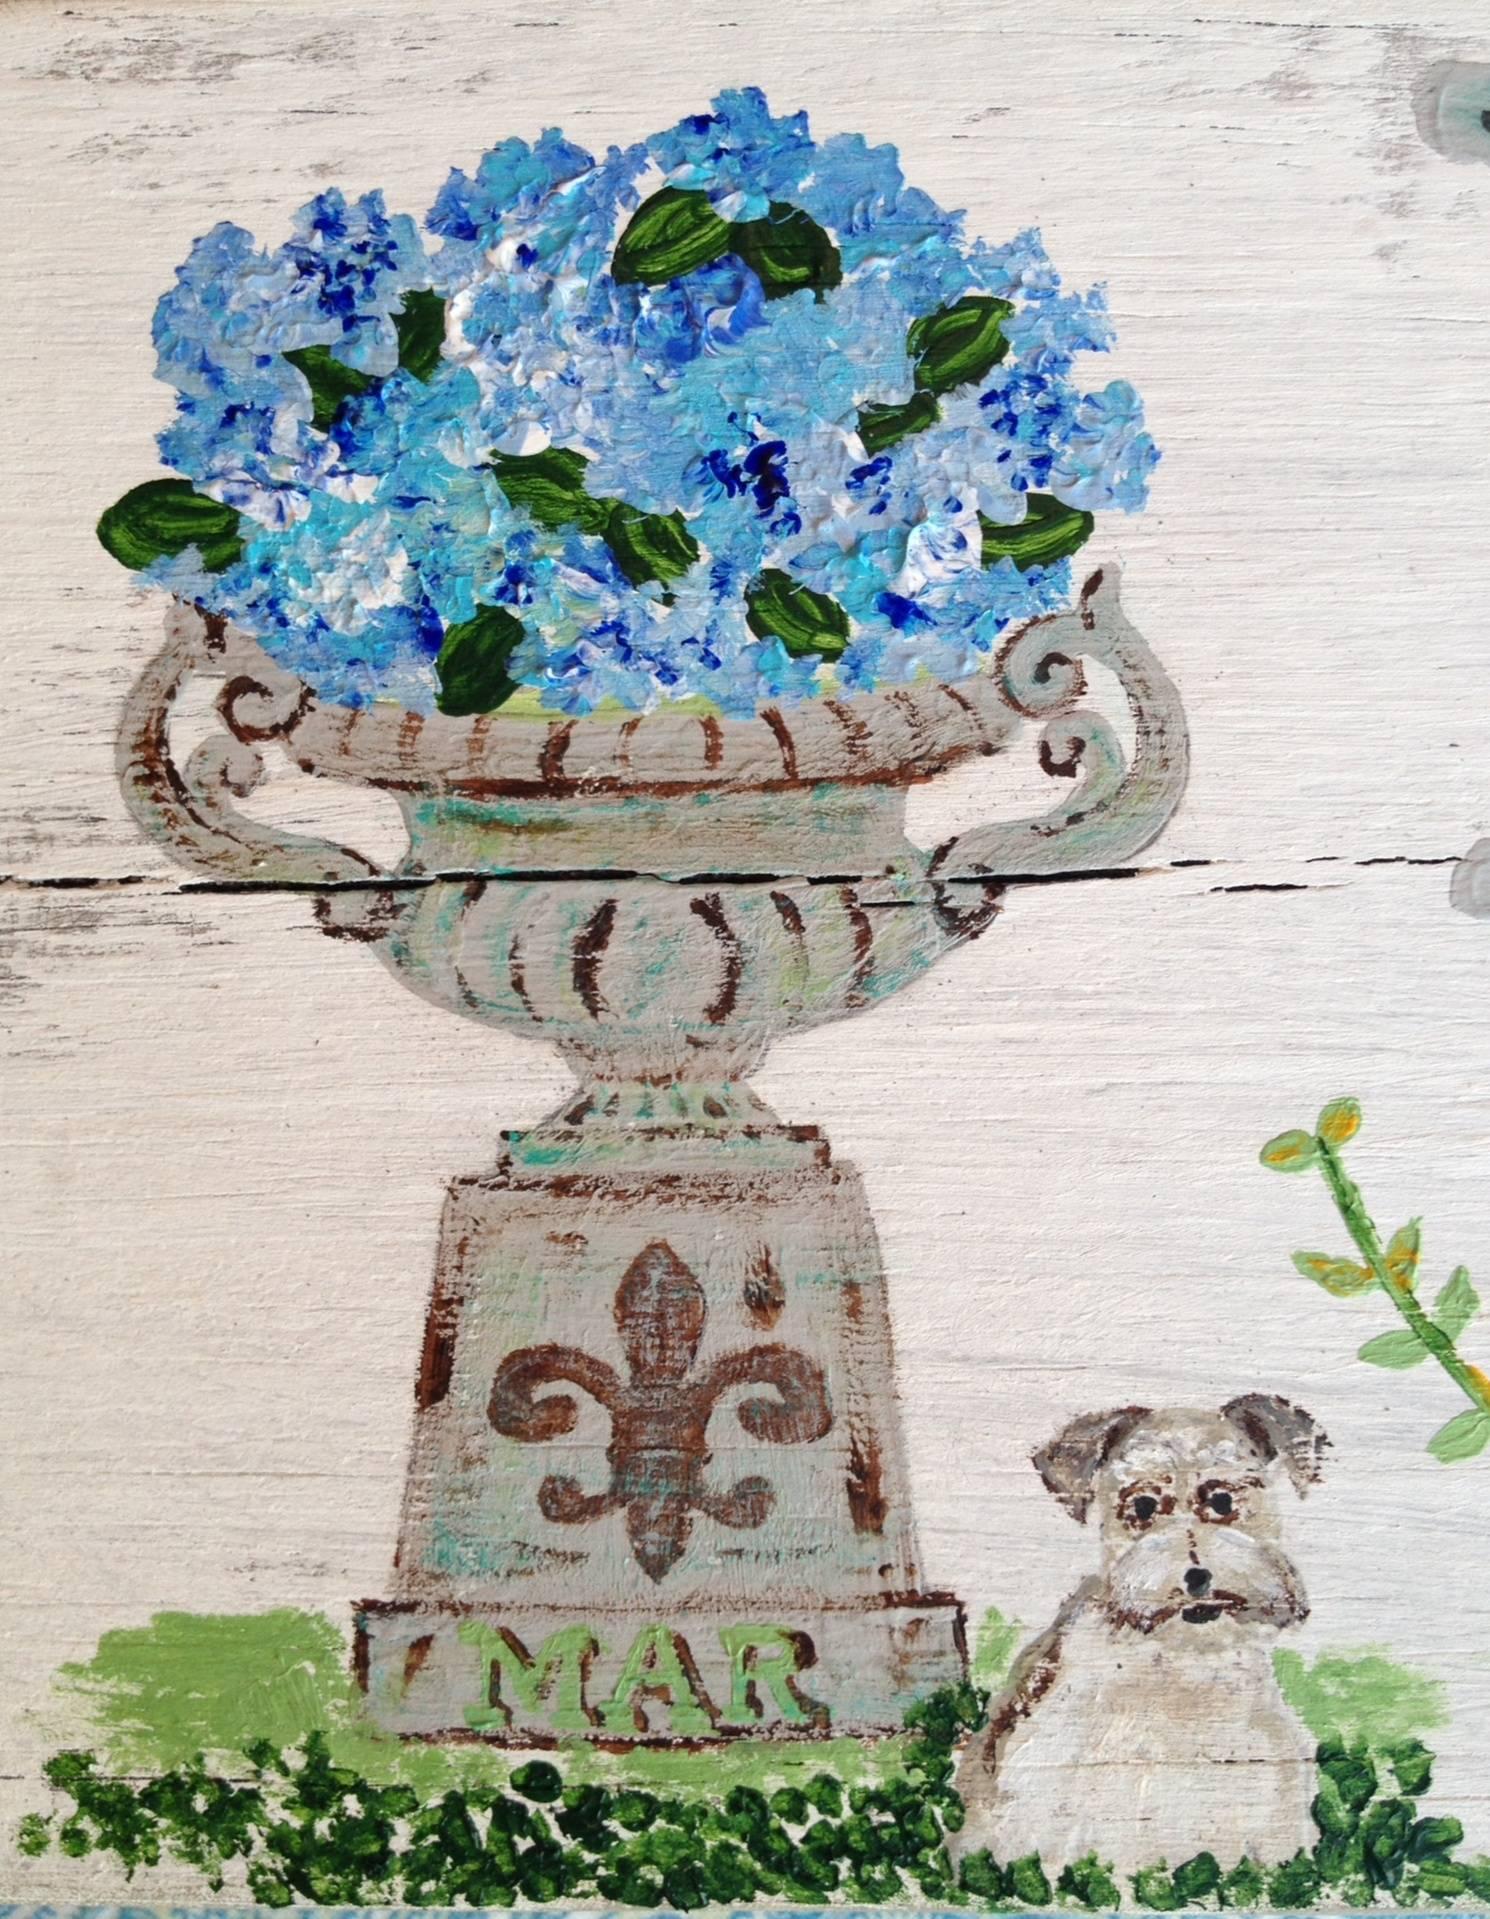 Hydrangea blooms in an antique urn